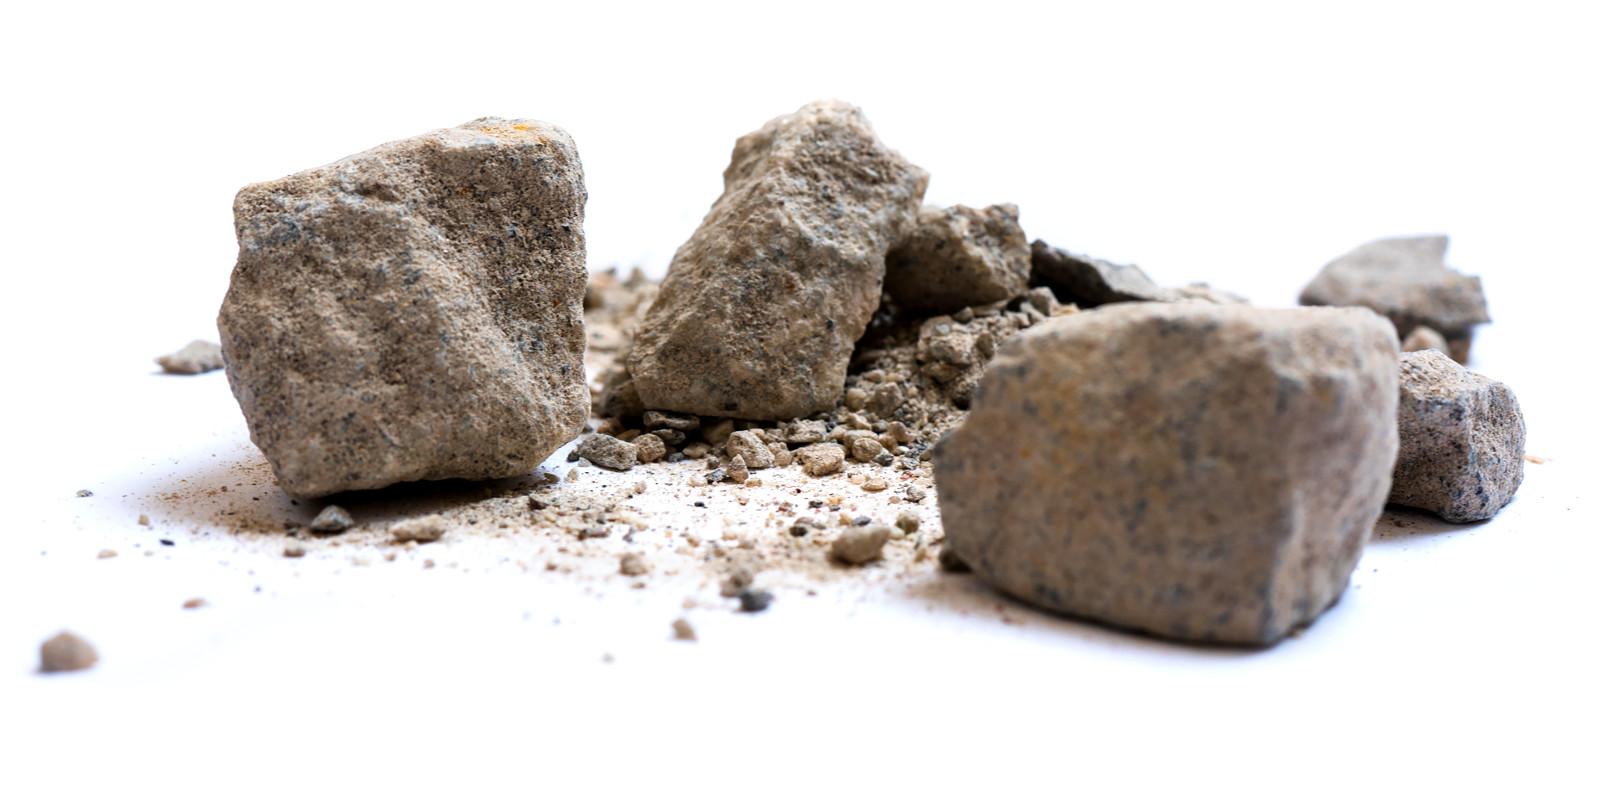 Lääninkuljetus kiviainestuotanto